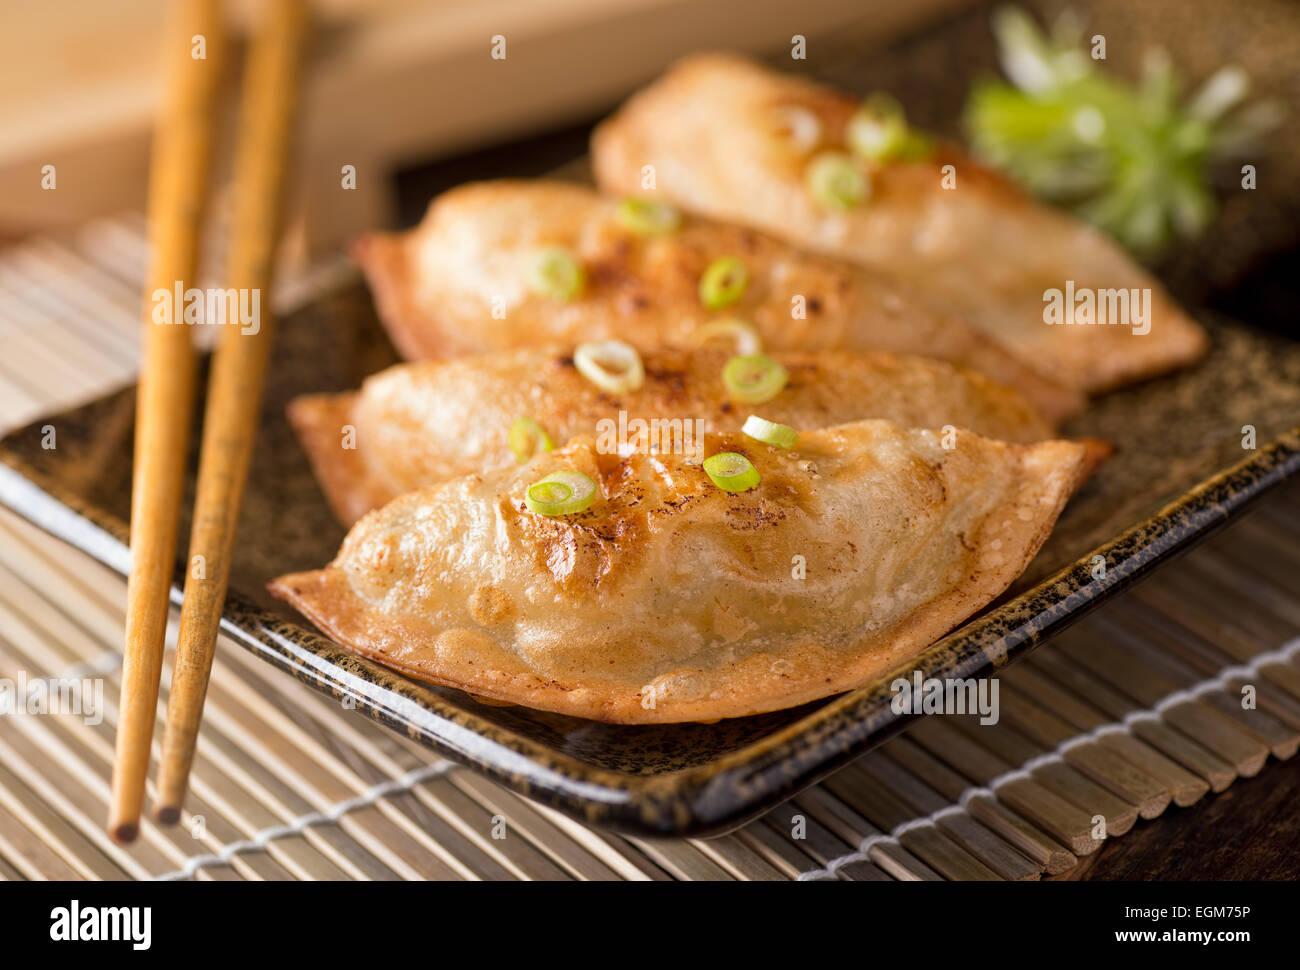 Ein Teller mit köstlichen asiatischen Pot Sticker mit Frühlingszwiebeln. Stockbild